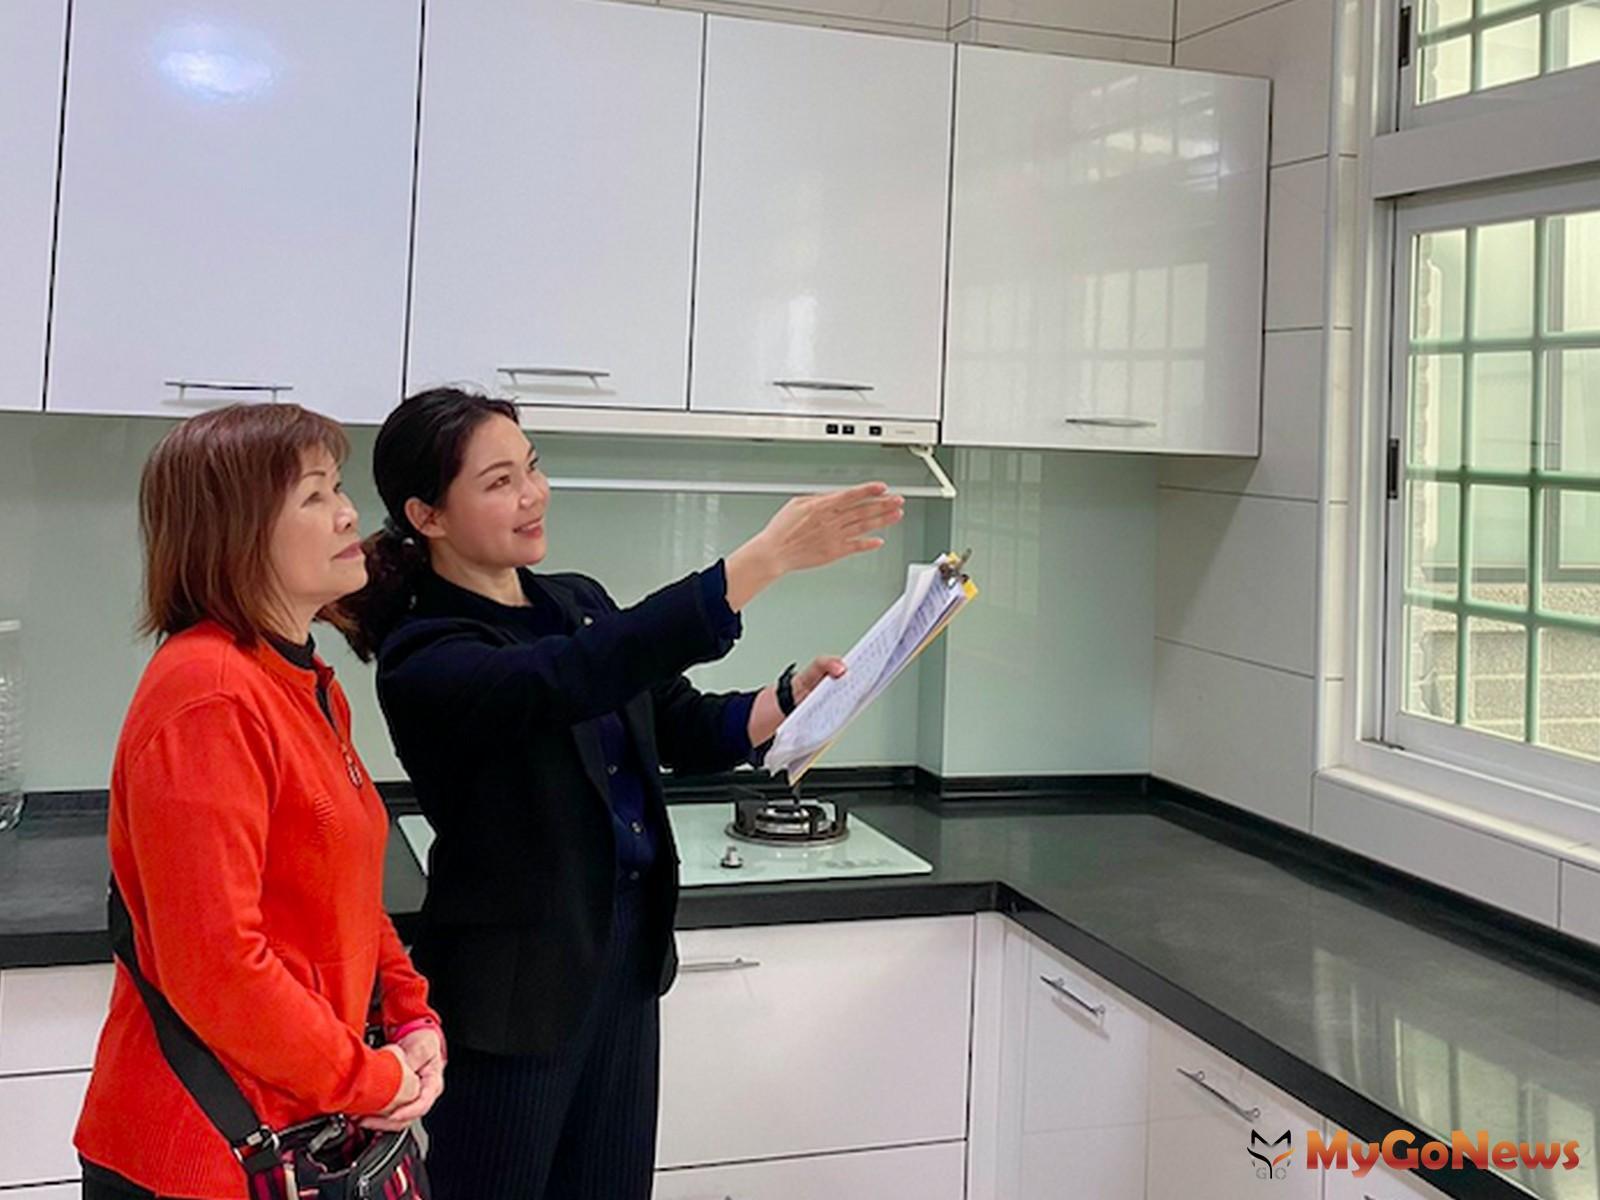 21世紀不動產企劃研究室表示,梅雨季節正好可以檢視房屋是否有漏水、排水問題(圖:21世紀不動產) MyGoNews房地產新聞 市場快訊